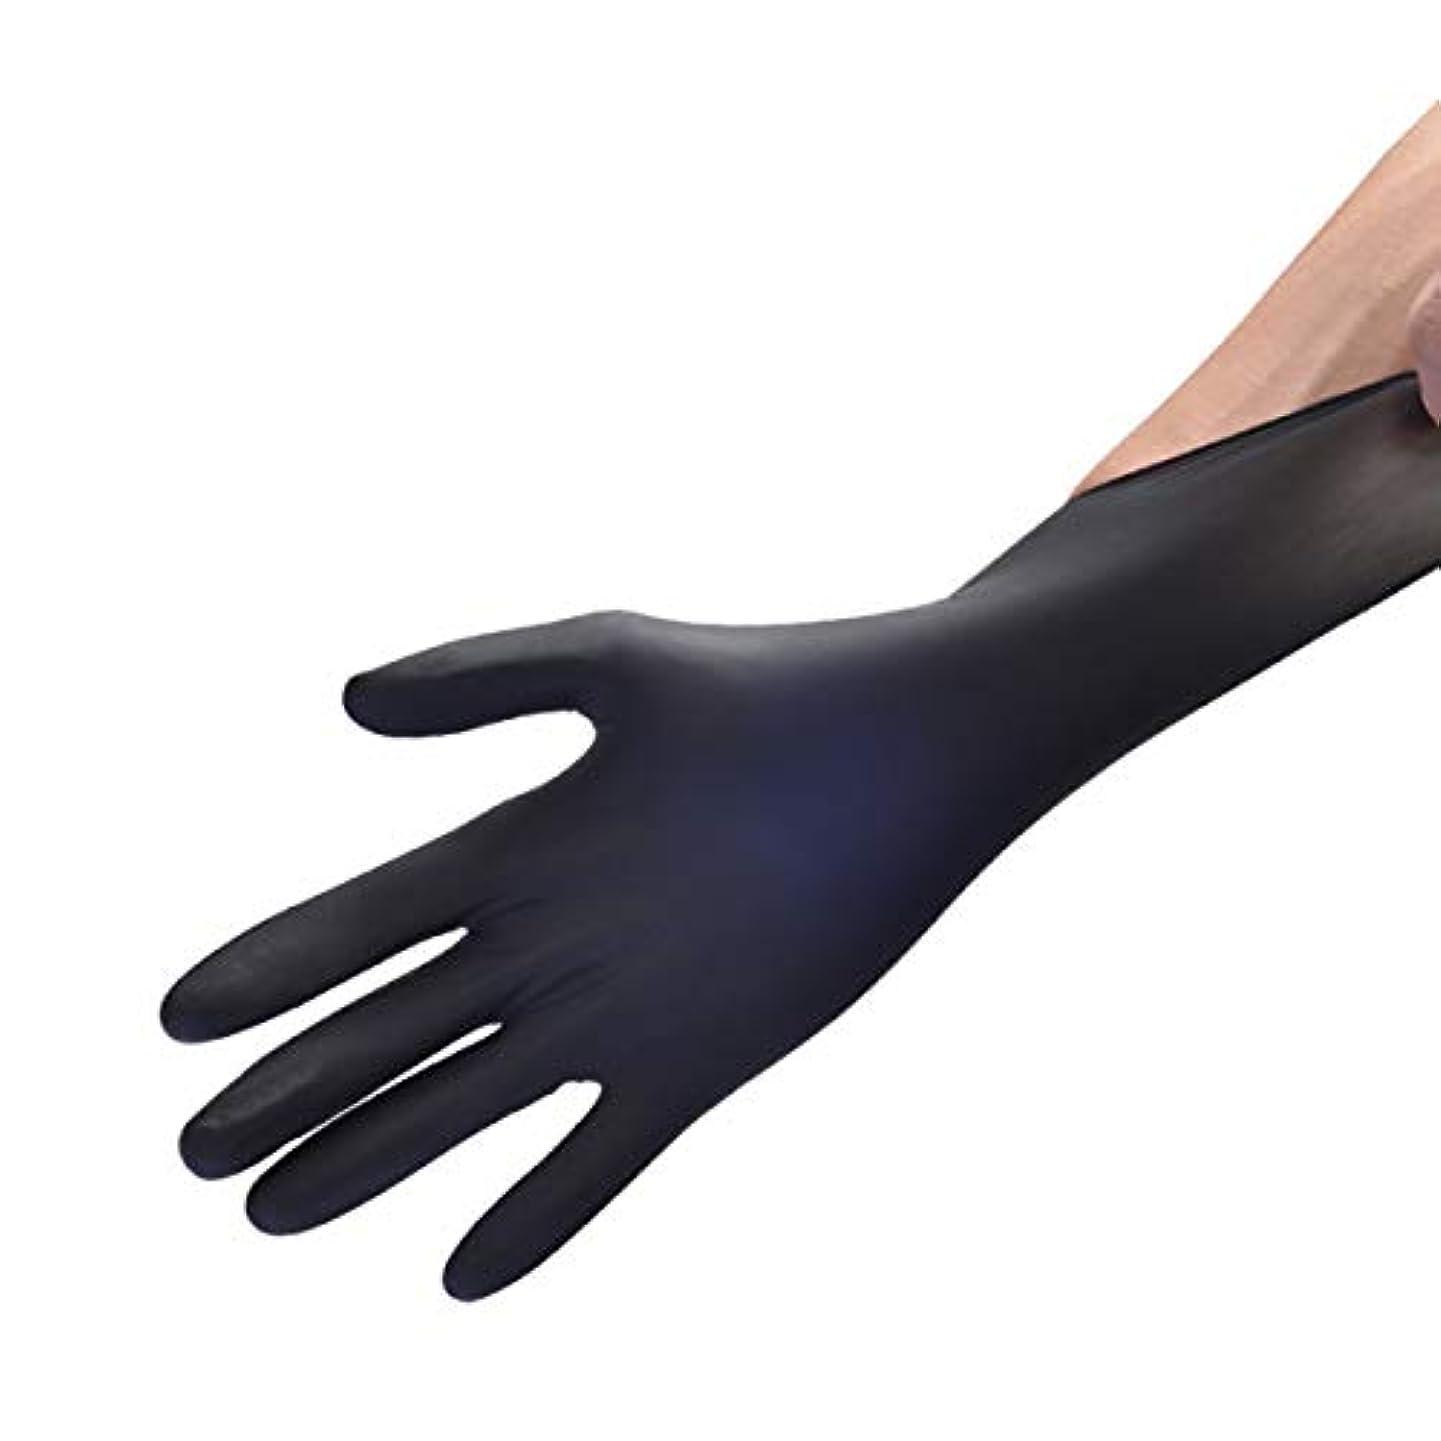 帰するクラック自信があるビニール手袋 使い捨て手袋 グローブ ニトリルグローブ ゴム手袋 粉なし 男女兼用 作業 介護 調理 炊事 園芸 掃除用,XL